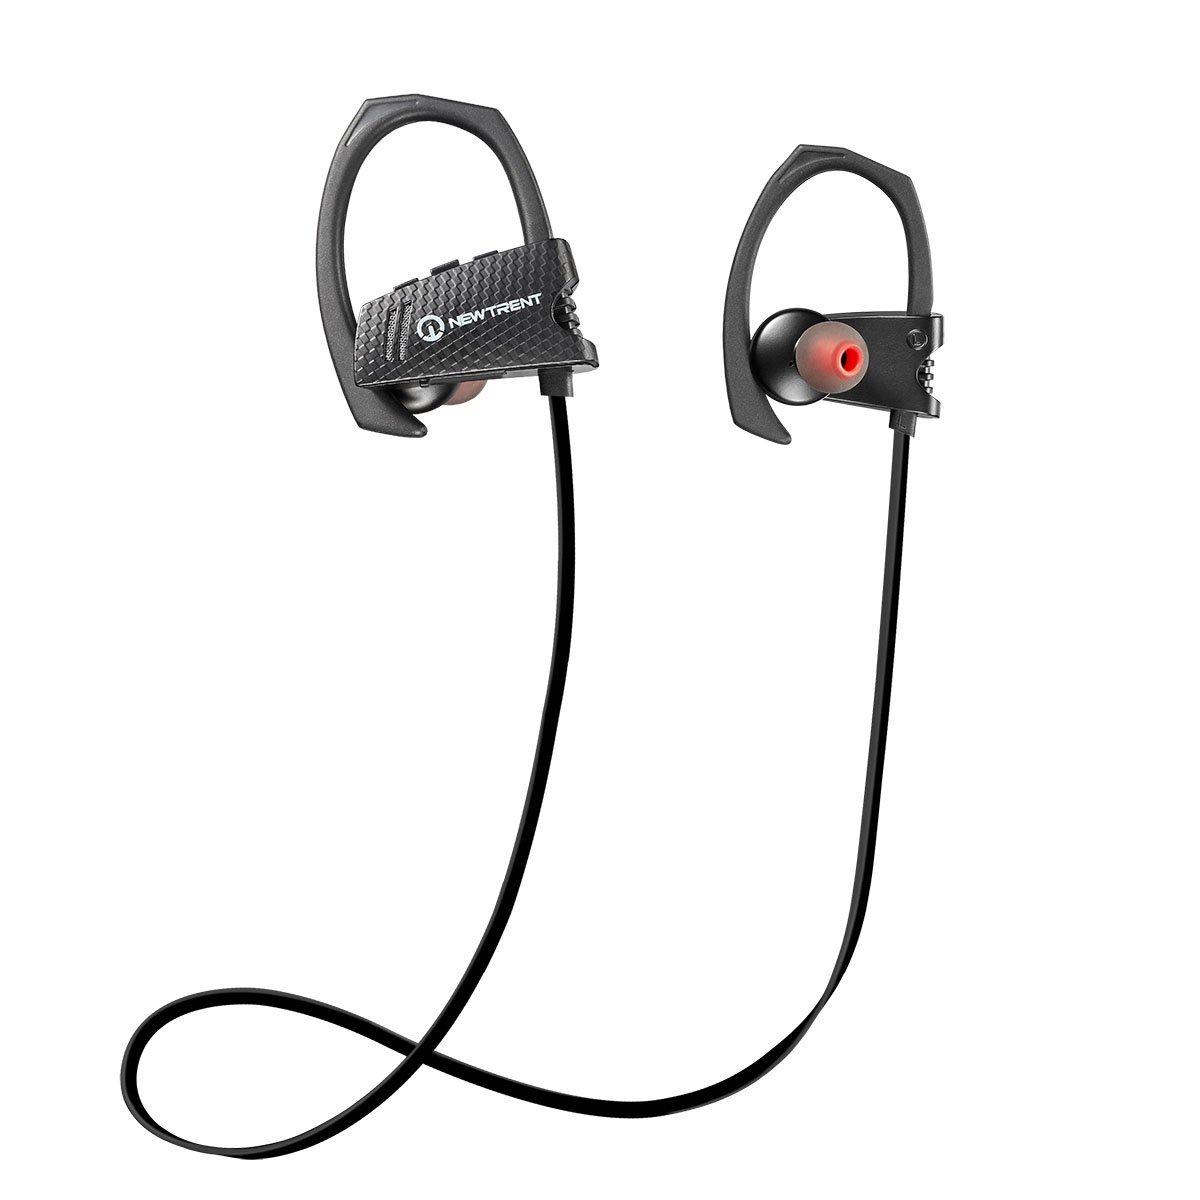 New Trent Bluetooth 4.1 In-Ear Sport Earphones  $5.99 at Amazon online deal